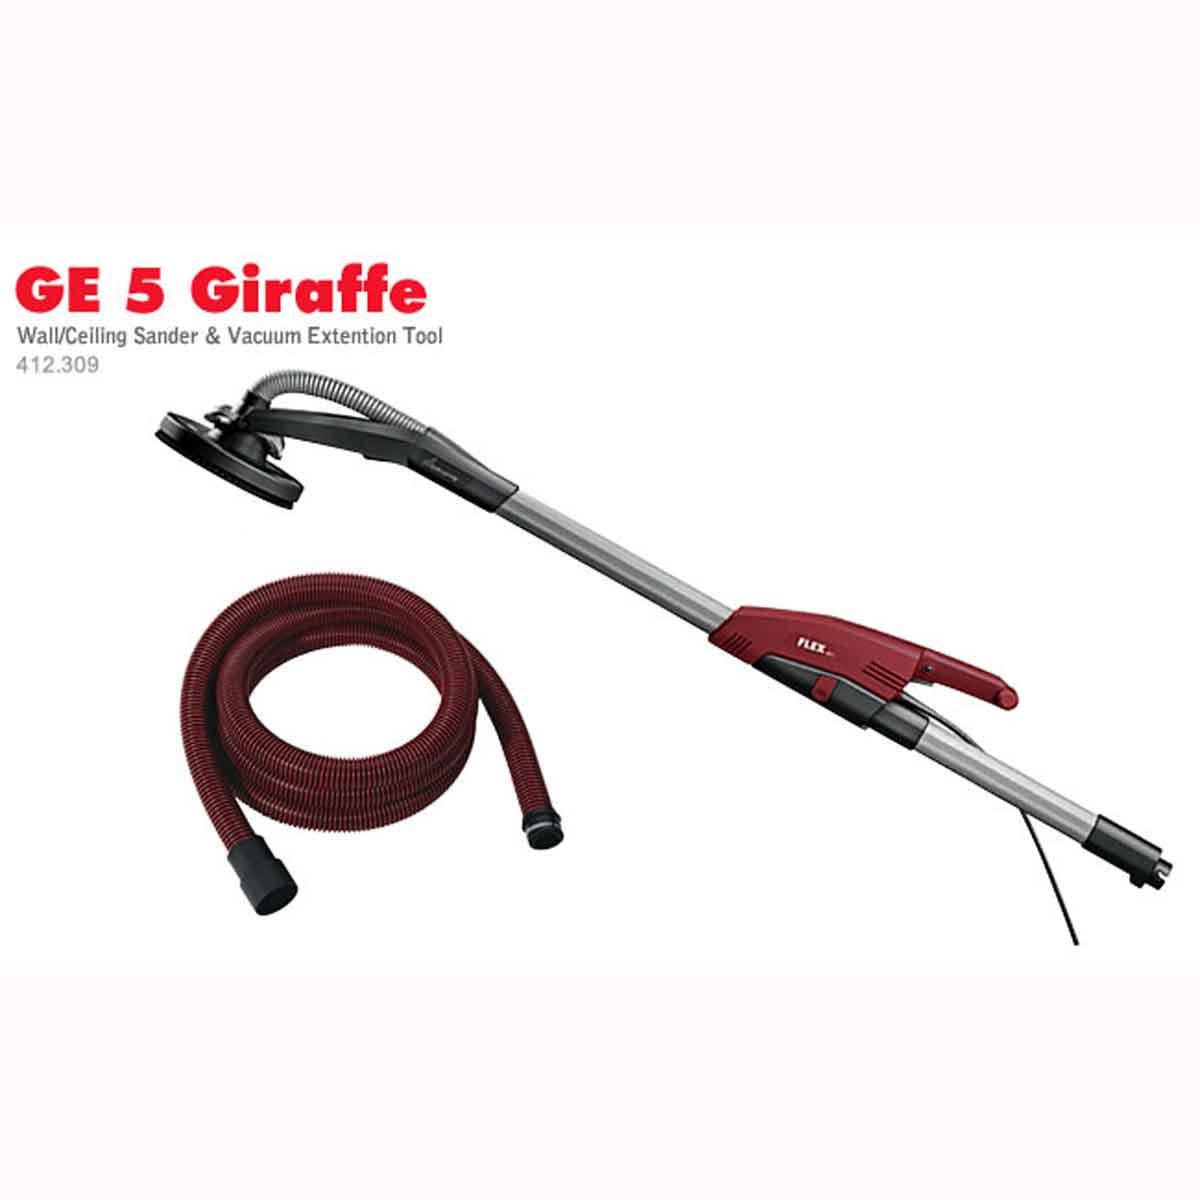 Flex Giraffe sander vacuum hose